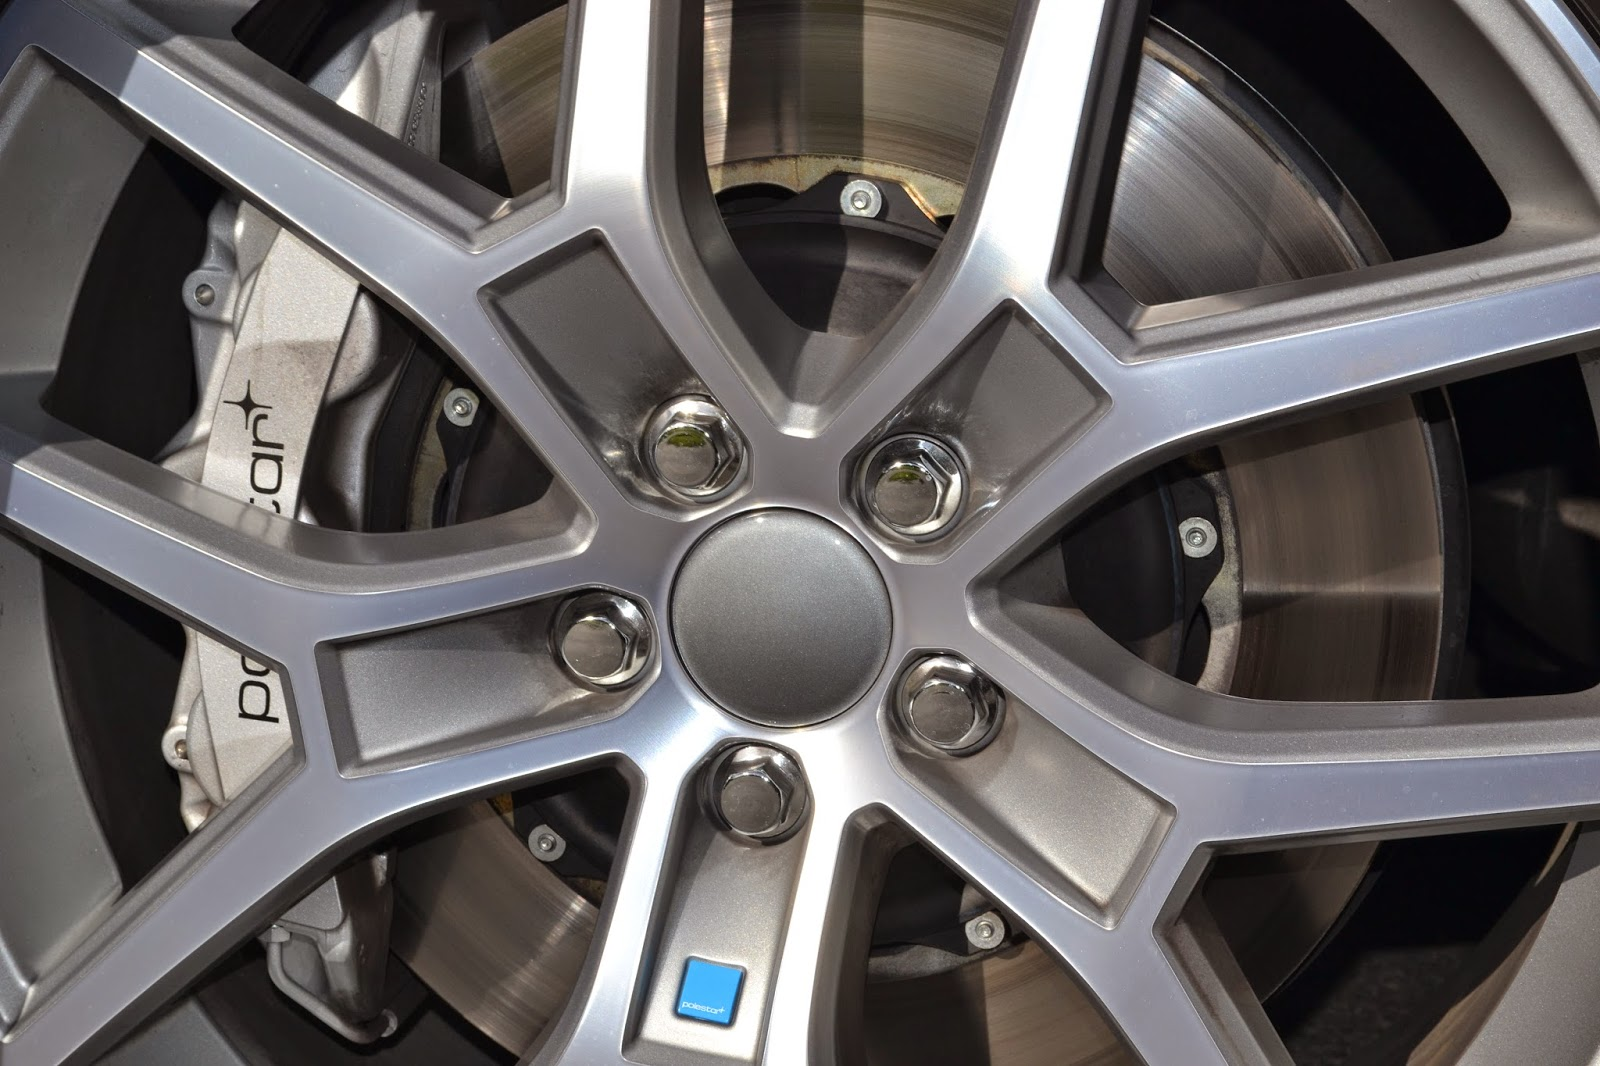 Volvo V60 Polestars big Brembo brakes